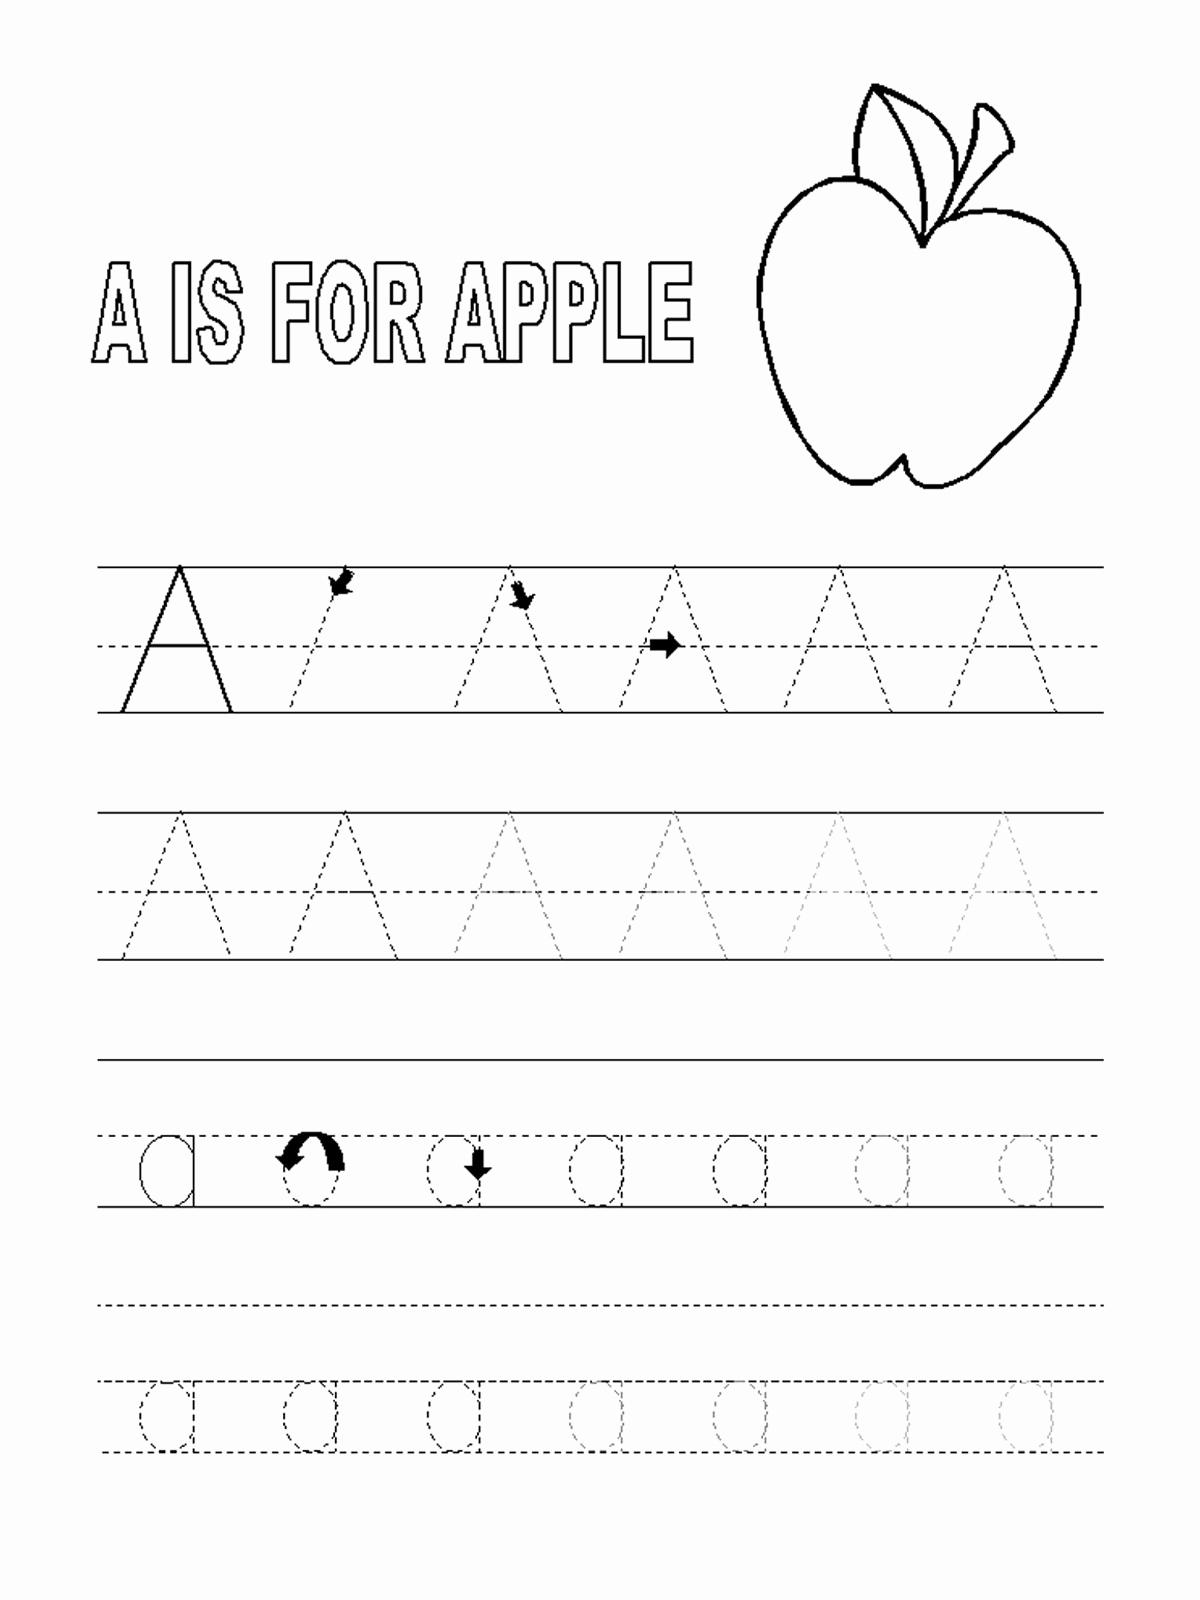 Alphabet Trace Worksheet Elegant Alphabet Tracer Pages for Kids